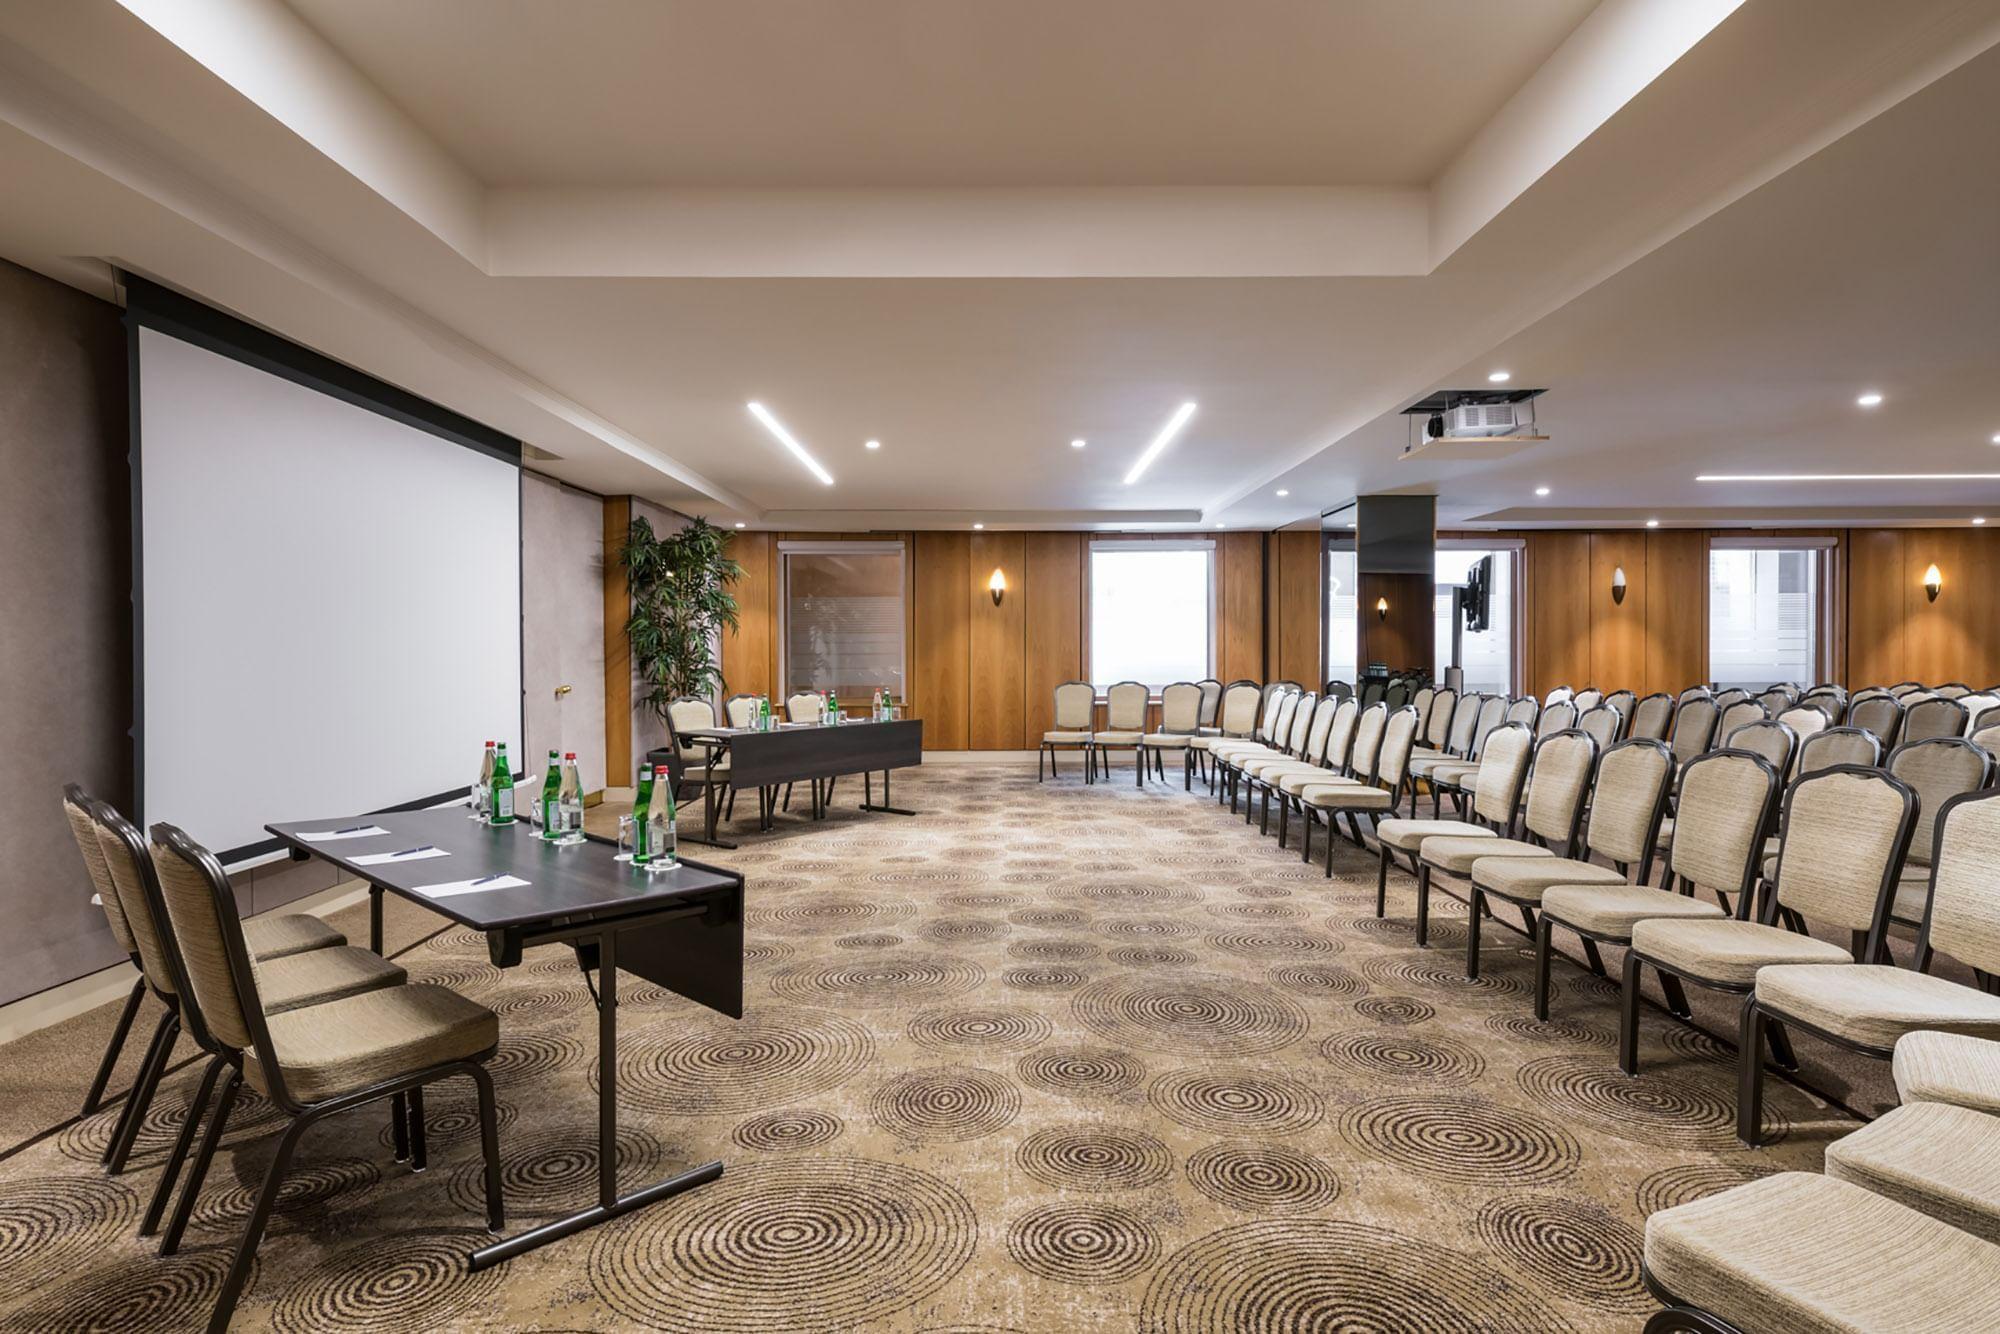 Salle de réunion en configuration théâtre baignée de lumière nat